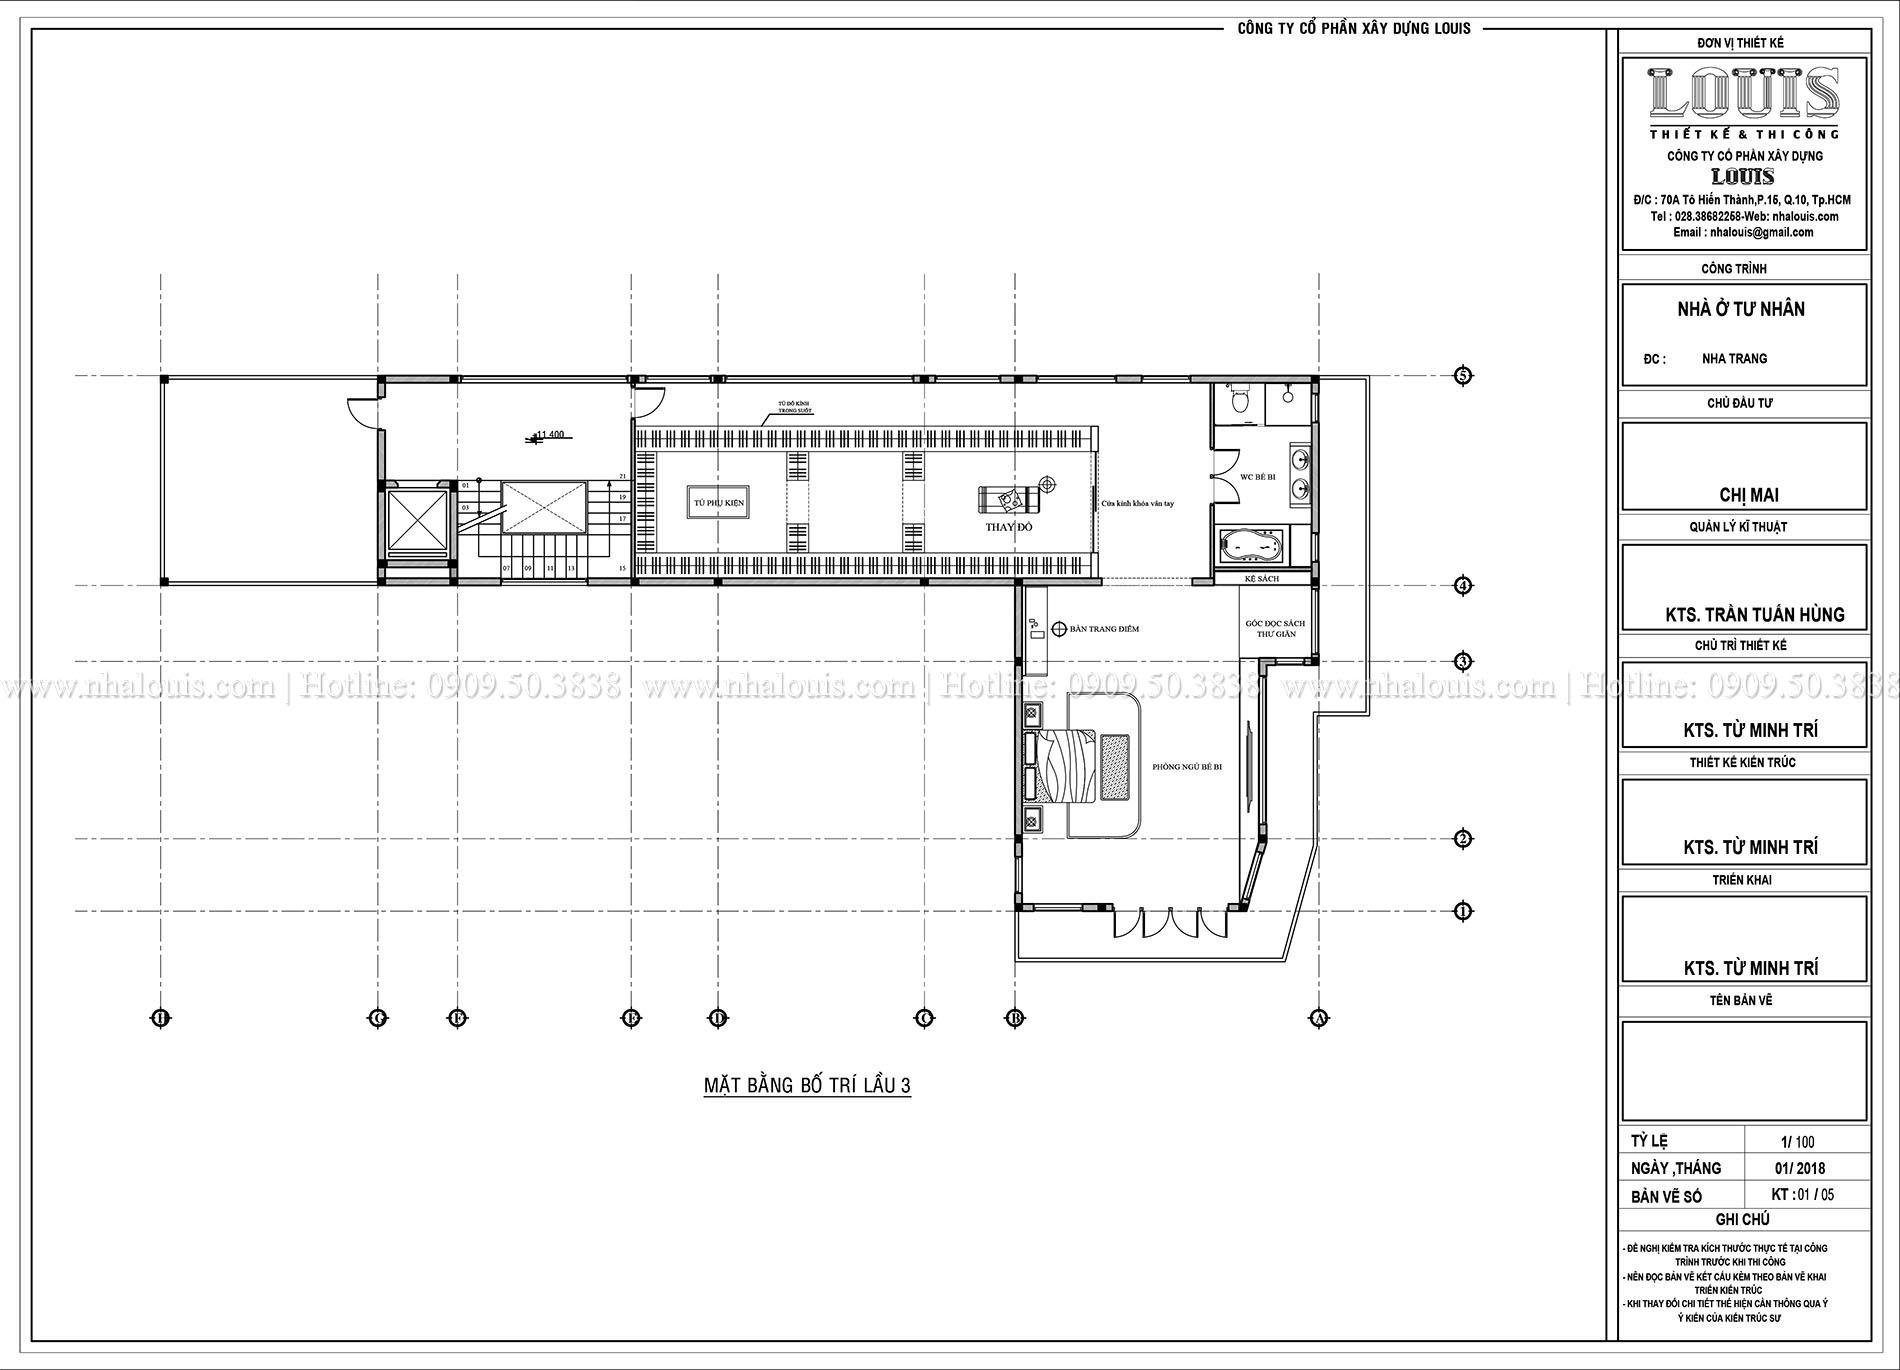 Mặt bằng lầu 3 Thiết kế biệt thự 5 tầng hiện đại đẹp lung linh tại Nha Trang - 011